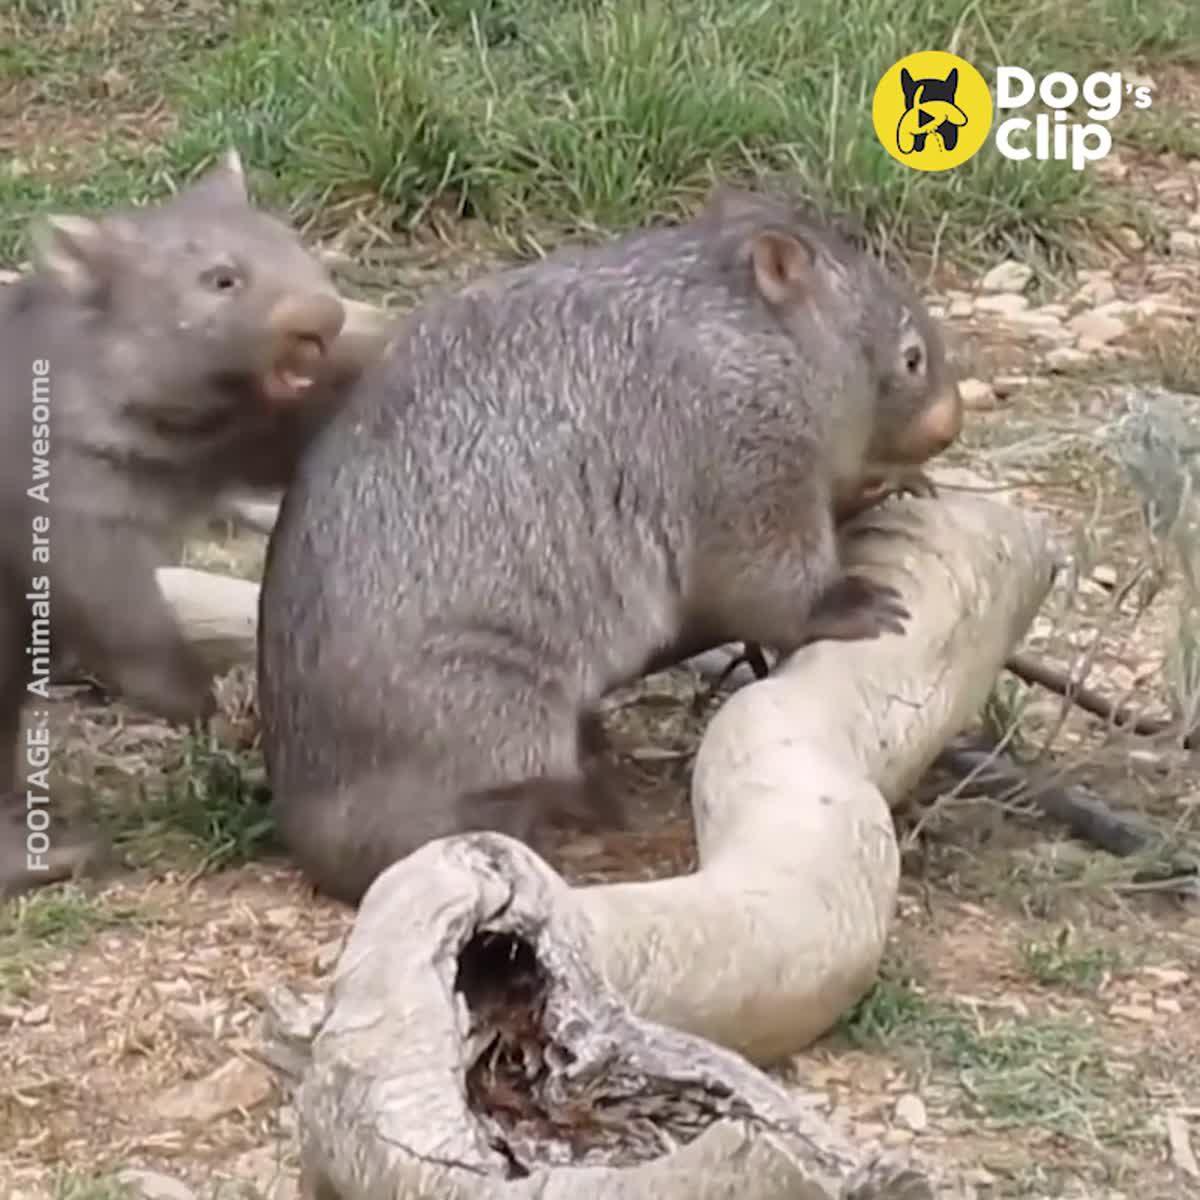 วอทแบท สัตว์เลี้ยงลูกด้วยนมที่น่ารักที่สุดในออสเตรเลีย